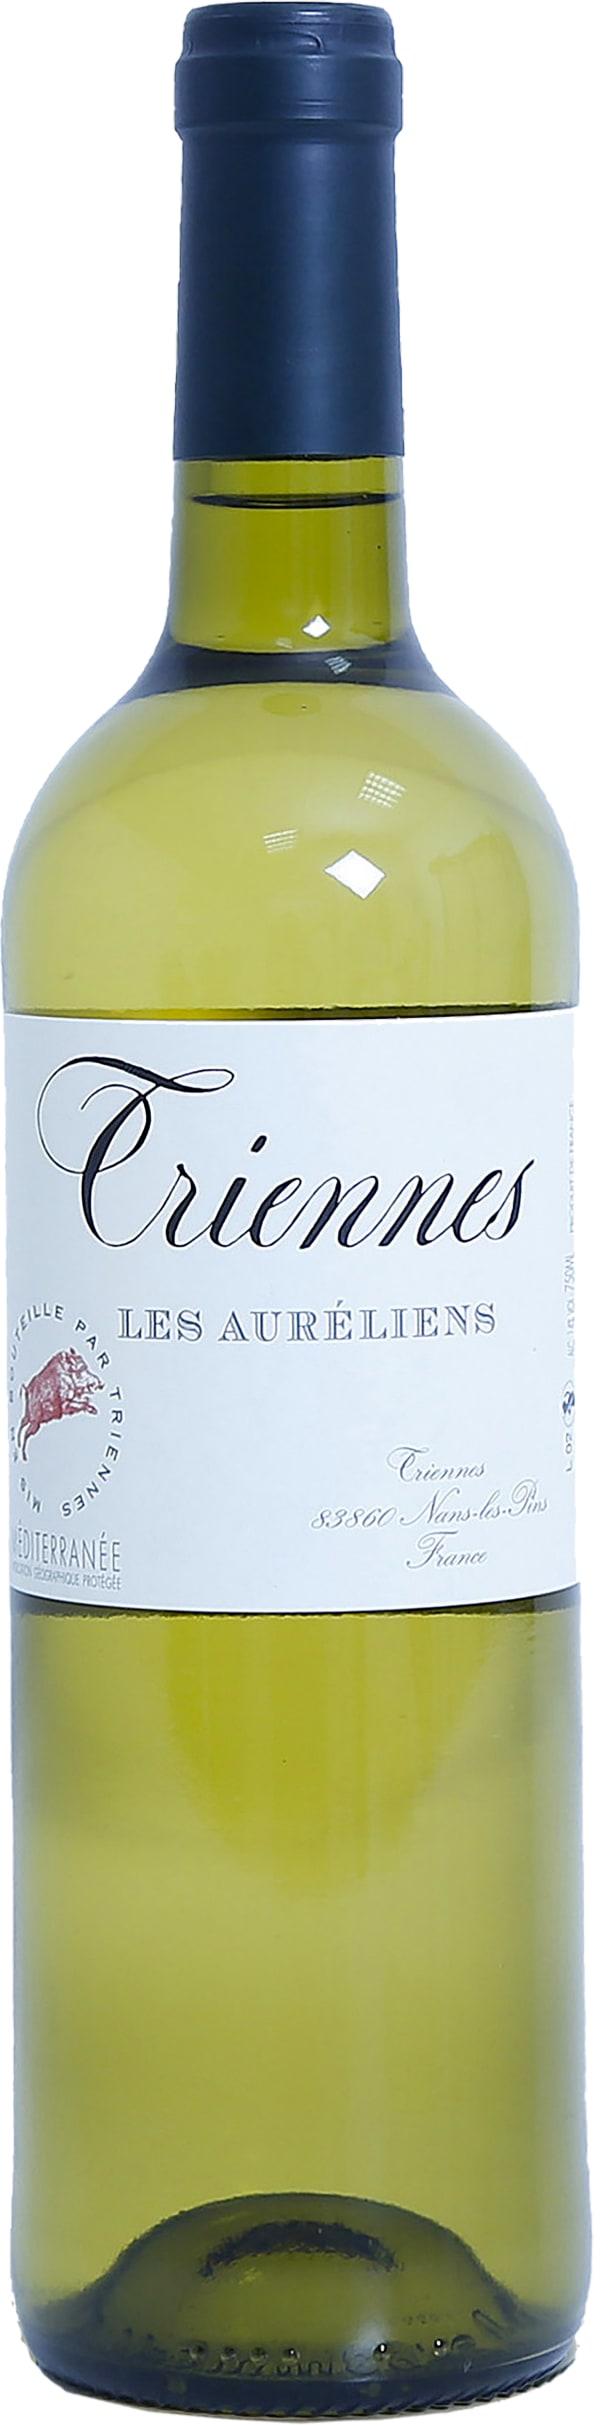 Triennes Les Auréliens Blanc 2019